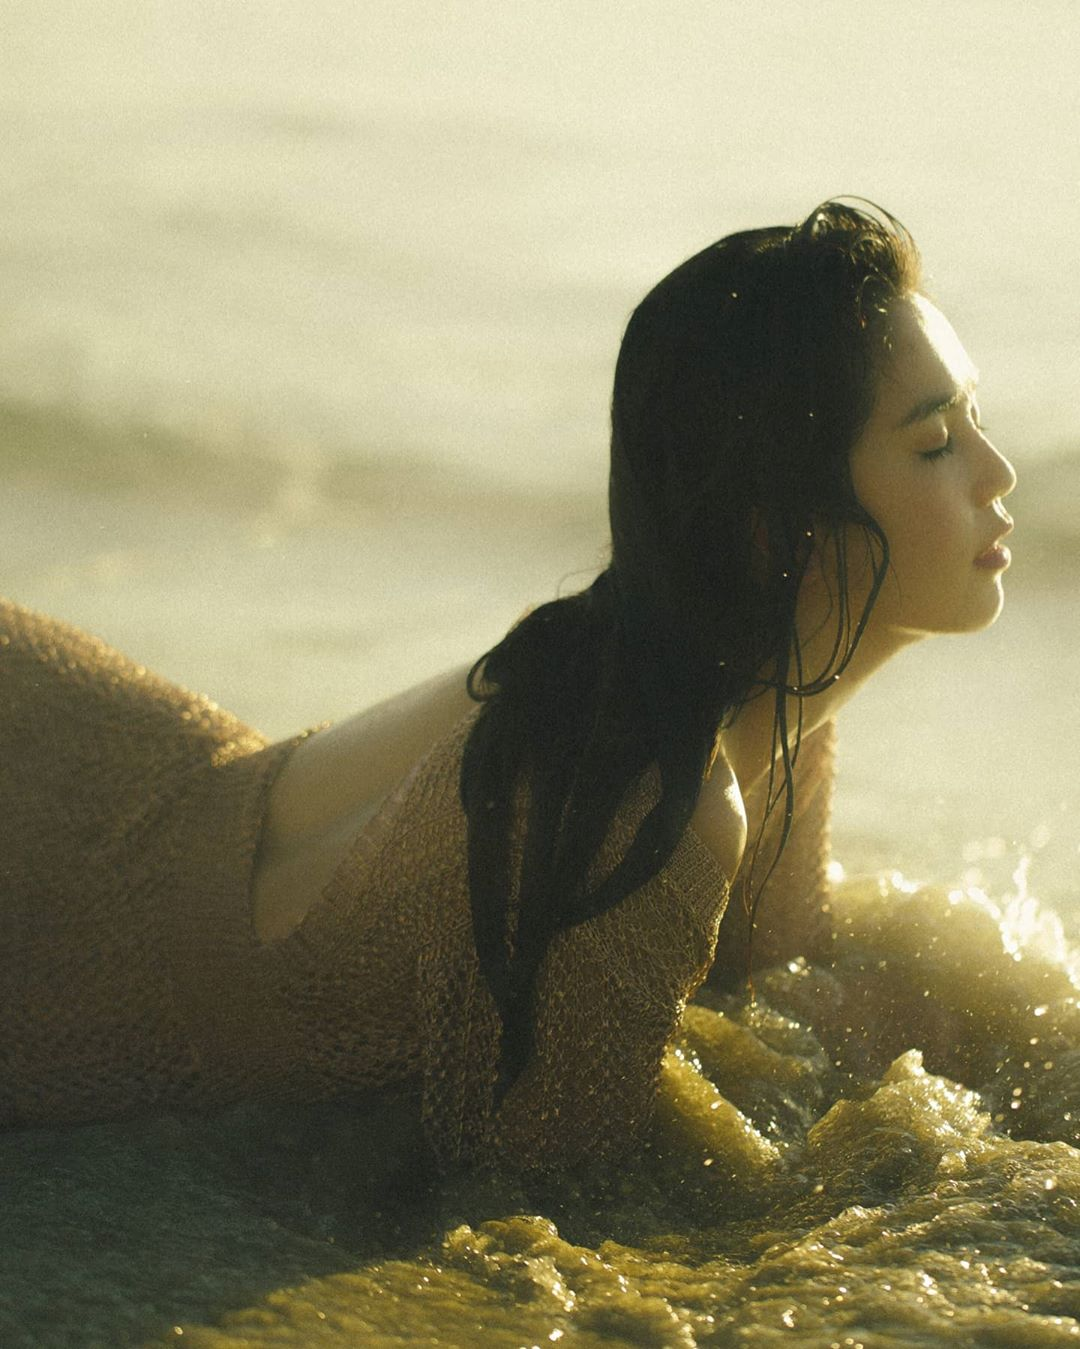 Ngọc Trinh tung loạt ảnh sexy trên biển nhưng lộ cả vòng 1 vì không mặc áo ngực?-4